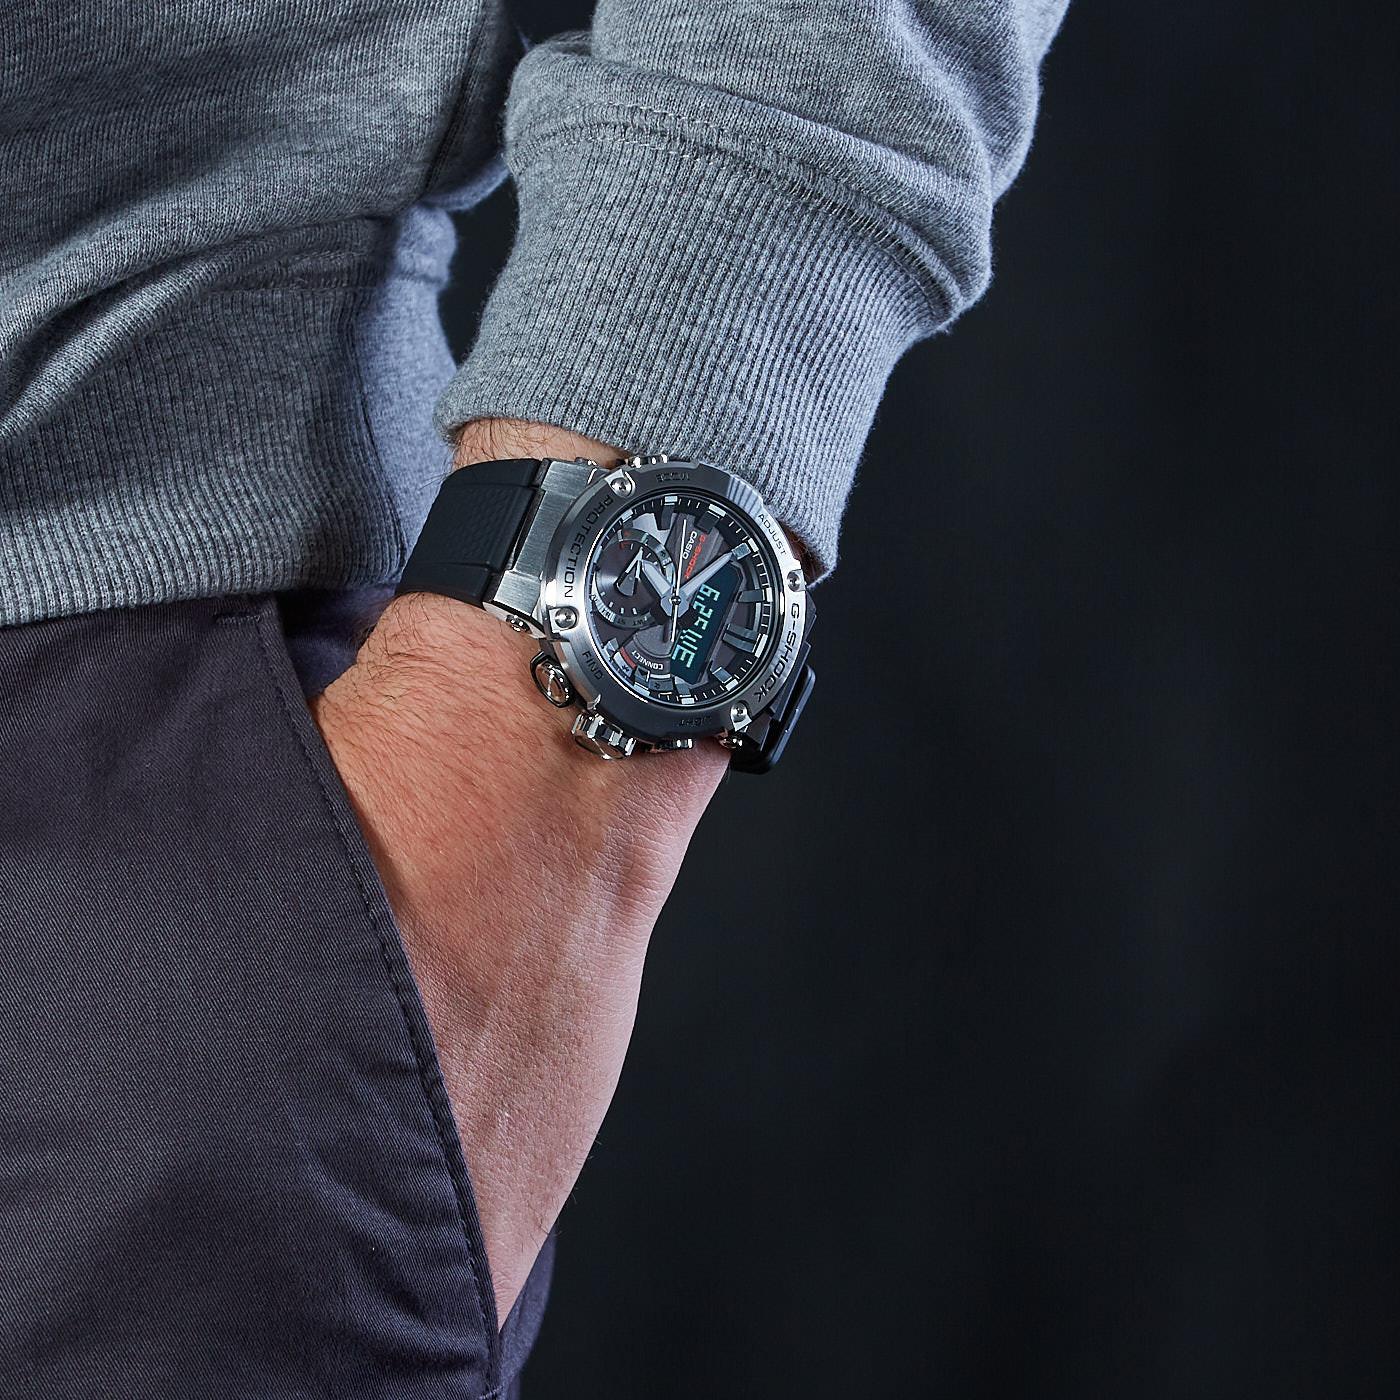 G Shock G Steel Watch Gst B200 1aer Watches